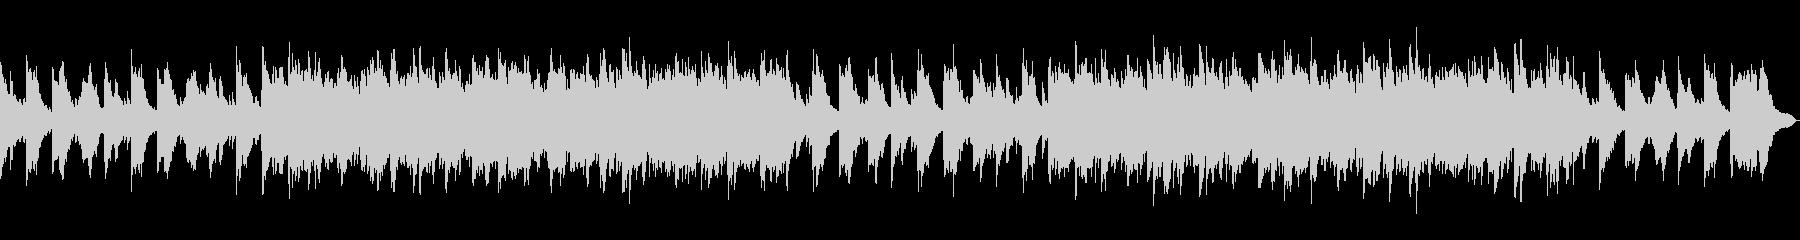 ヒーリング・リラックス ピアノの未再生の波形